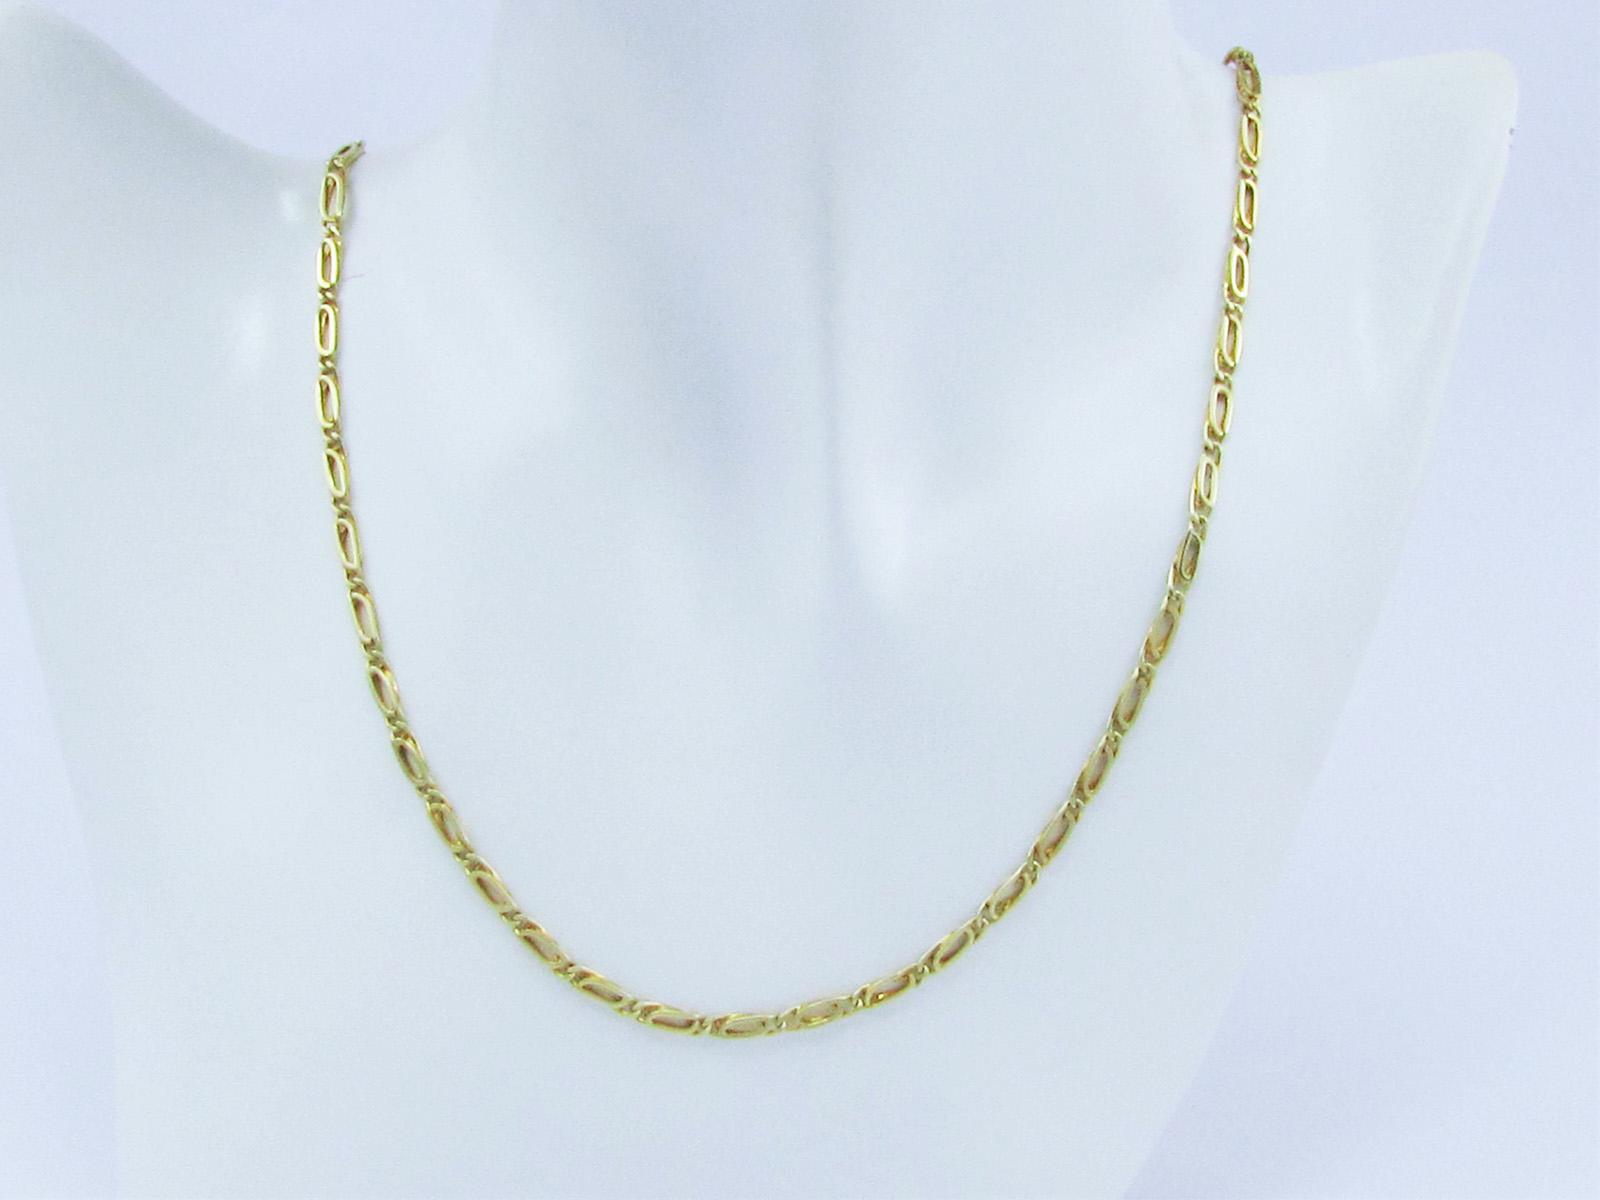 Flot guld halskæde i 14 Karat -54 cm. - Brugt guldkæde til salg - Billige guld halskæder. Brugte guldkæder sælges.